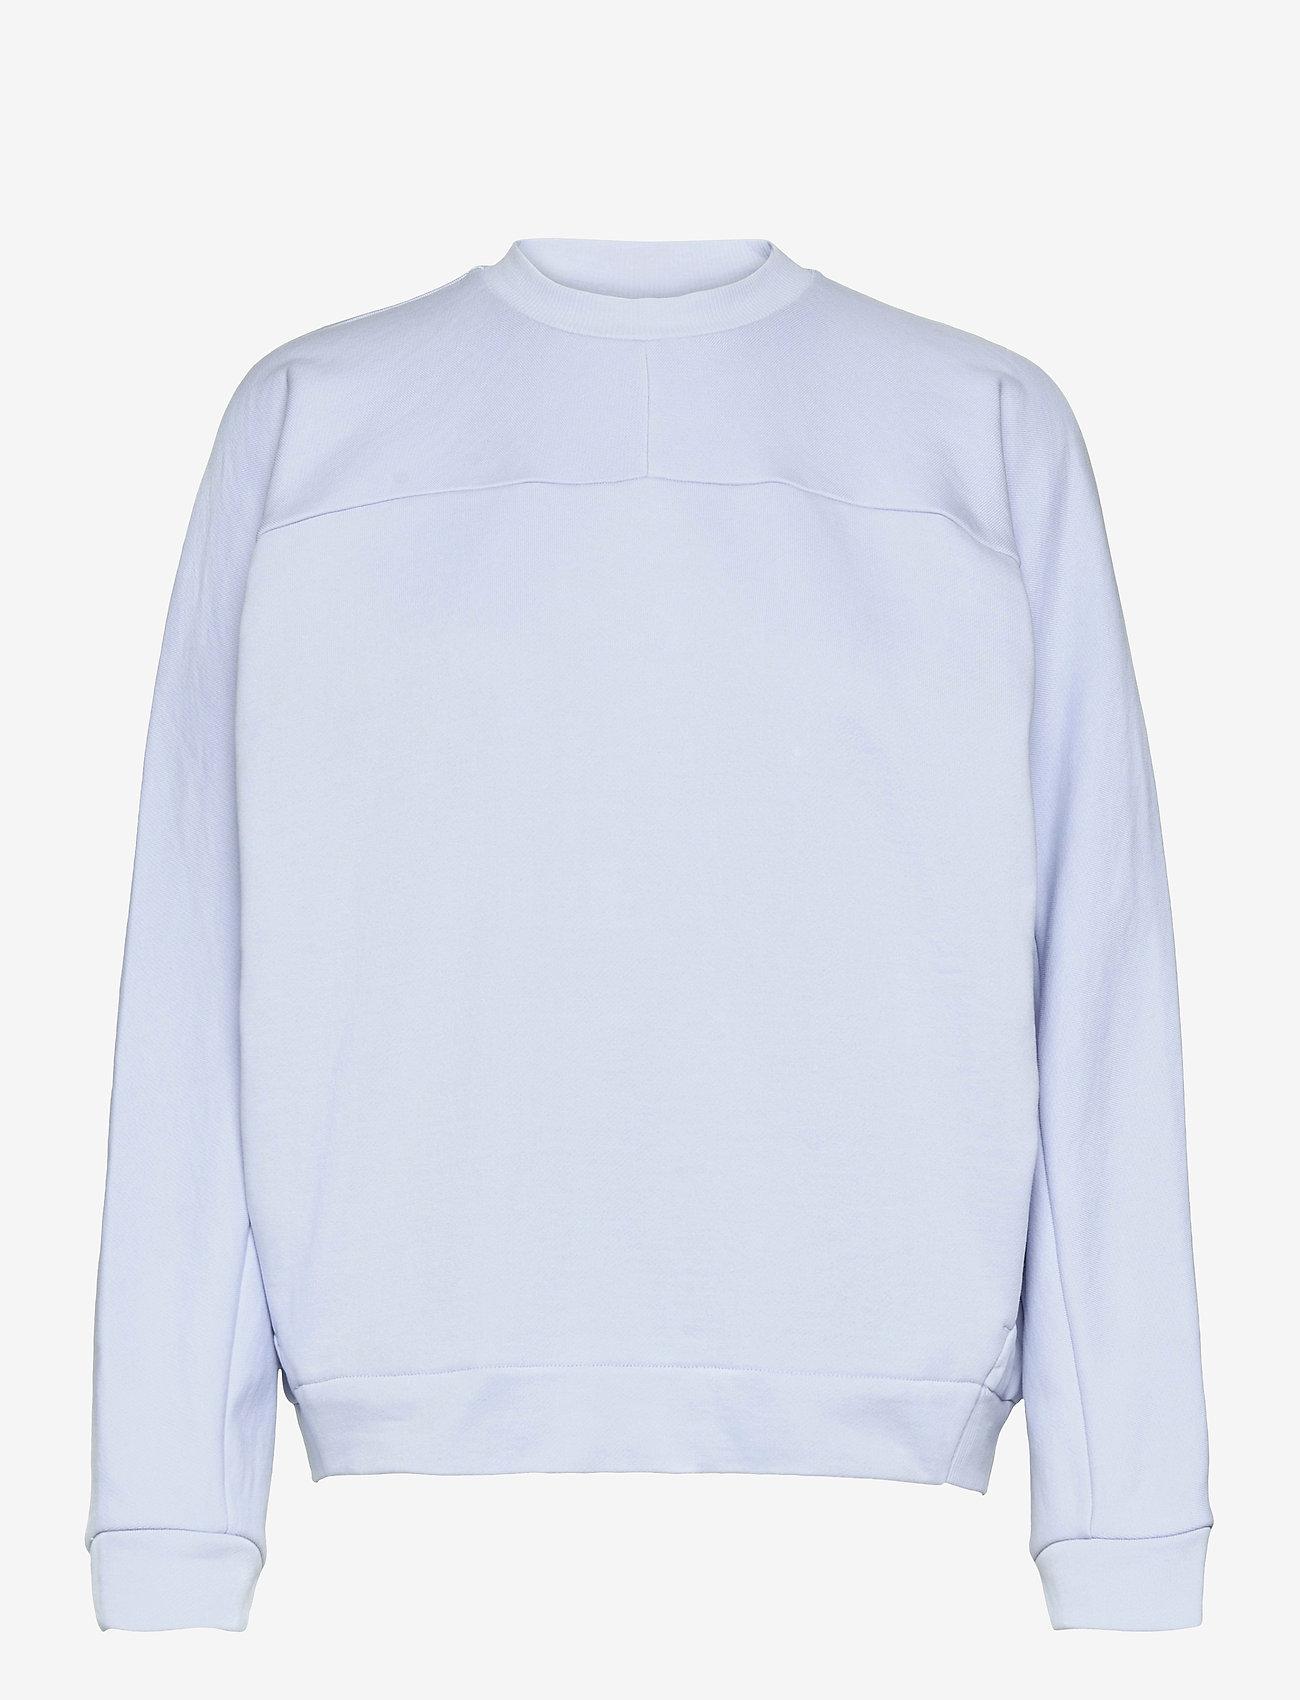 Max Mara Leisure - FRINE - sweatshirts & hoodies - light blue - 0